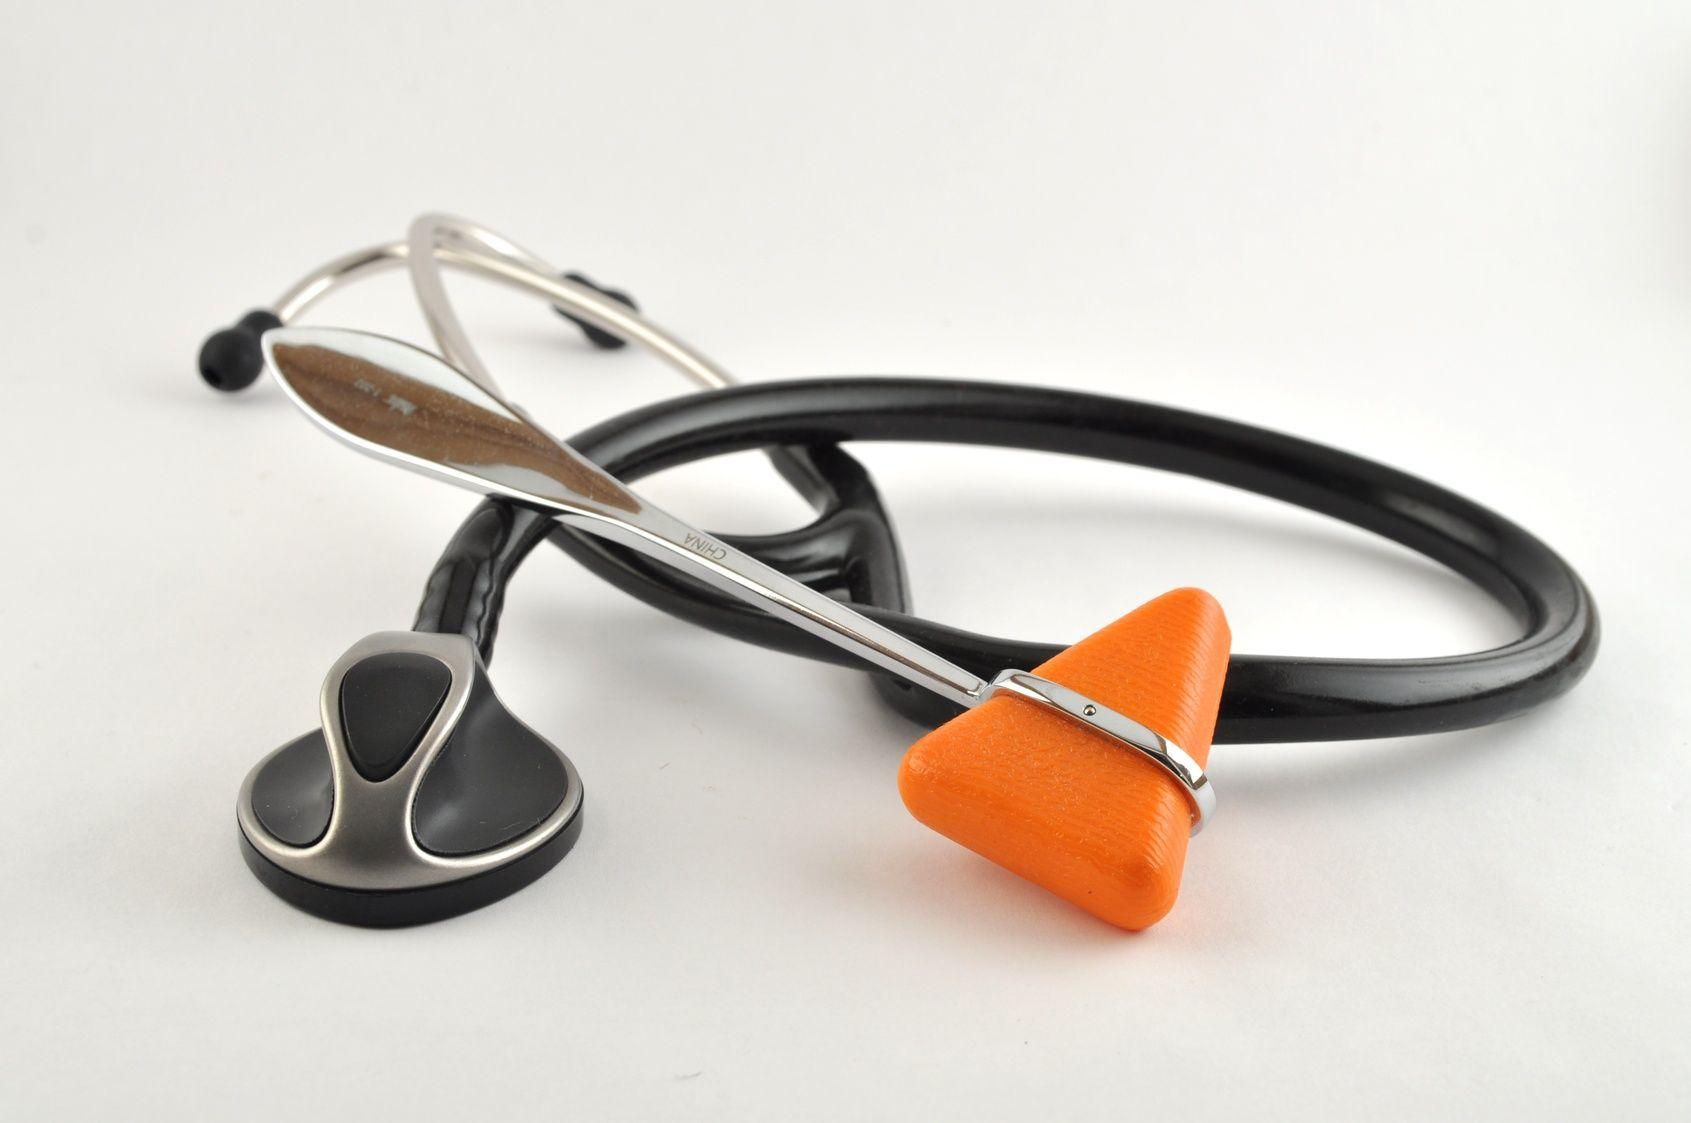 Clinical Gear